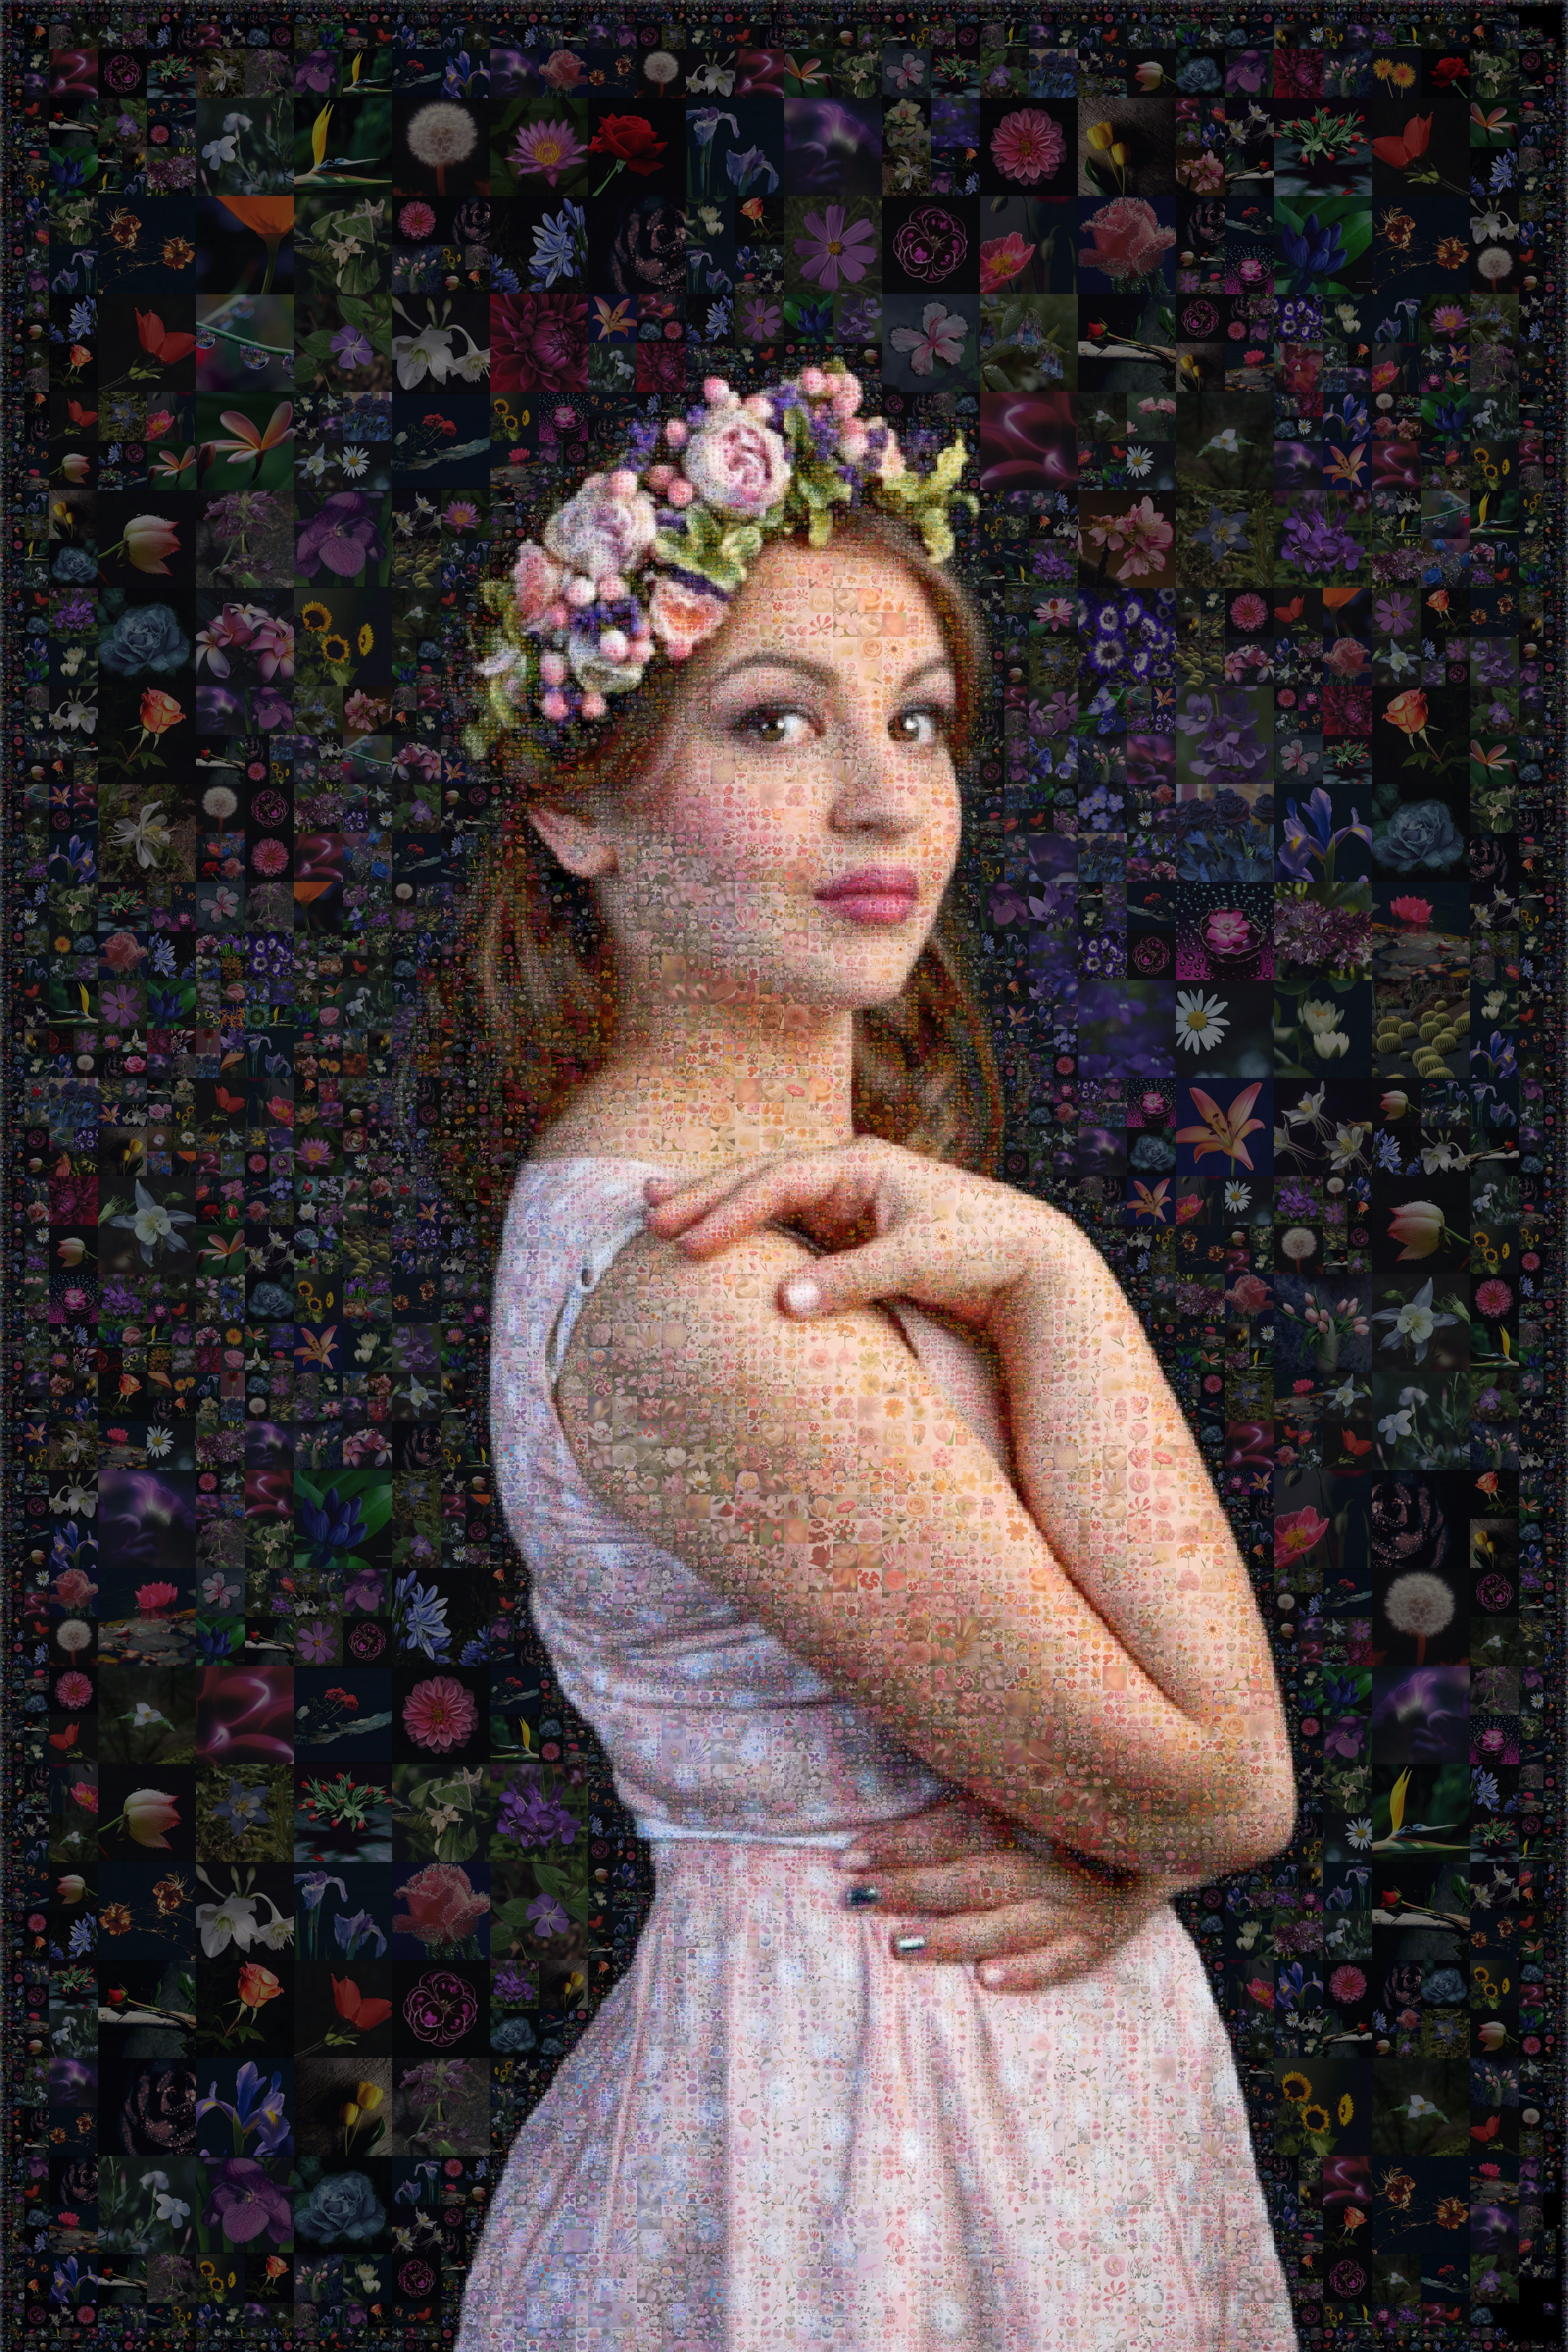 портрет-мозаика из цветов на заказ, мозаика из цветов, портрет из цветов